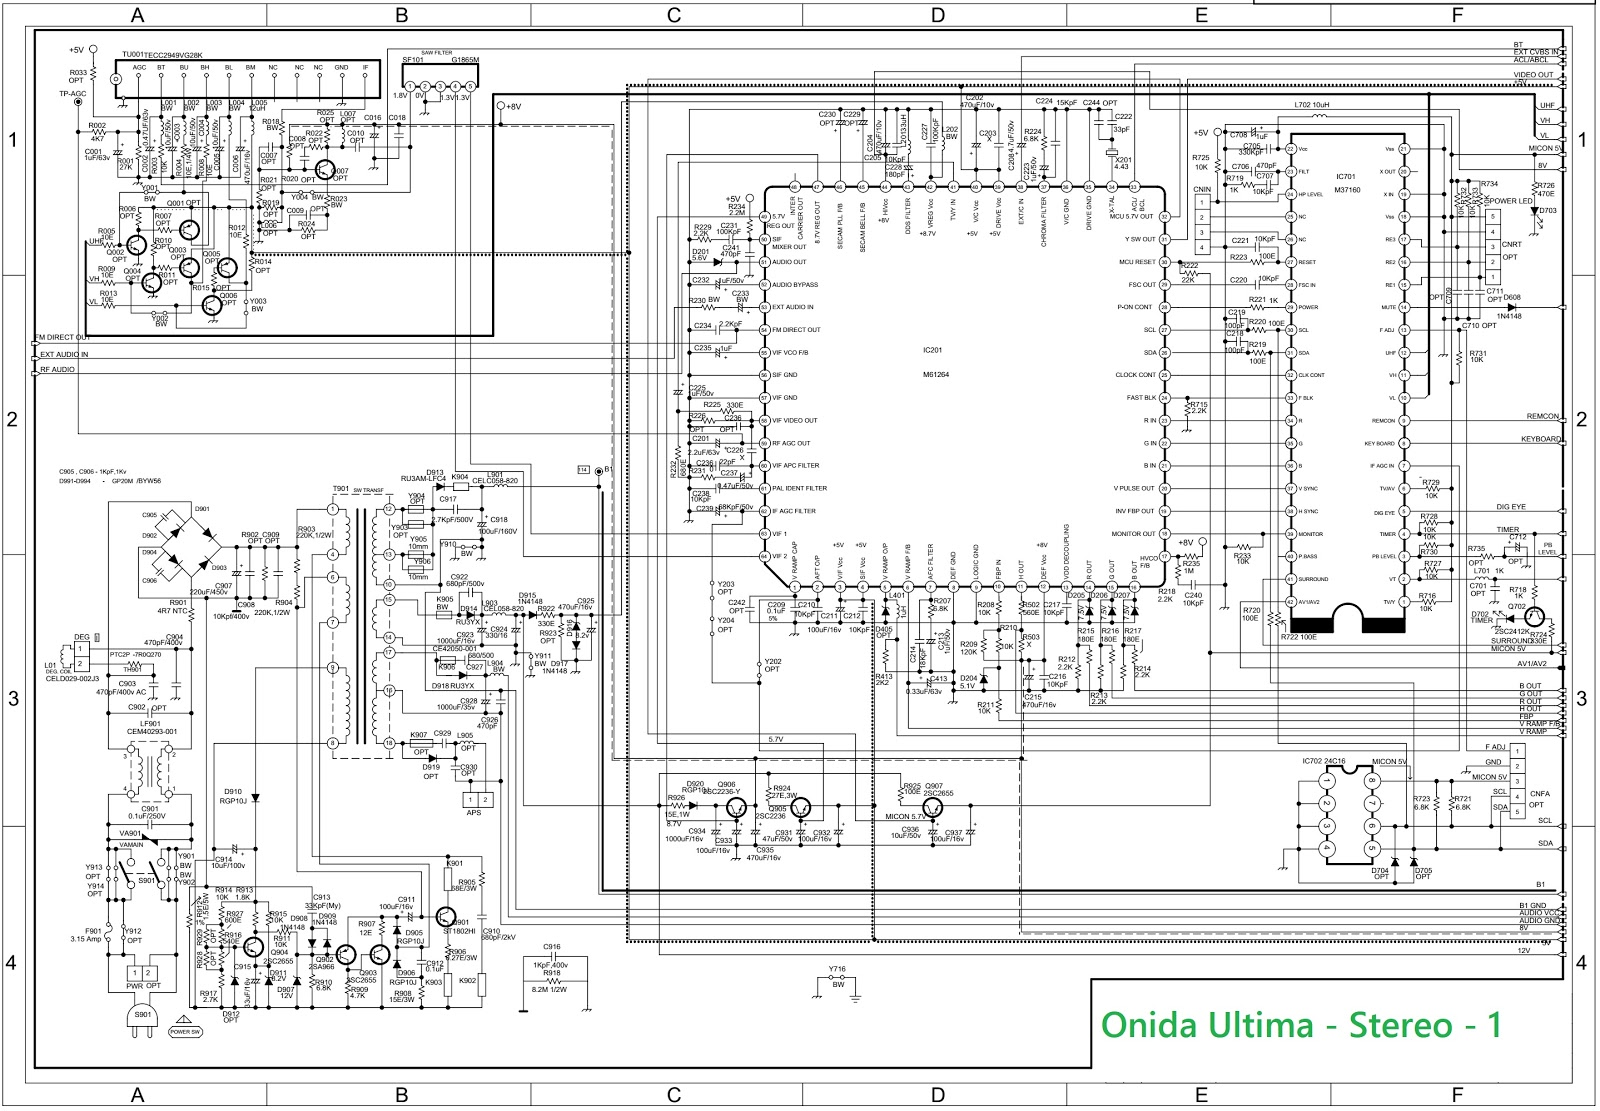 Onida Ultima - Stereo